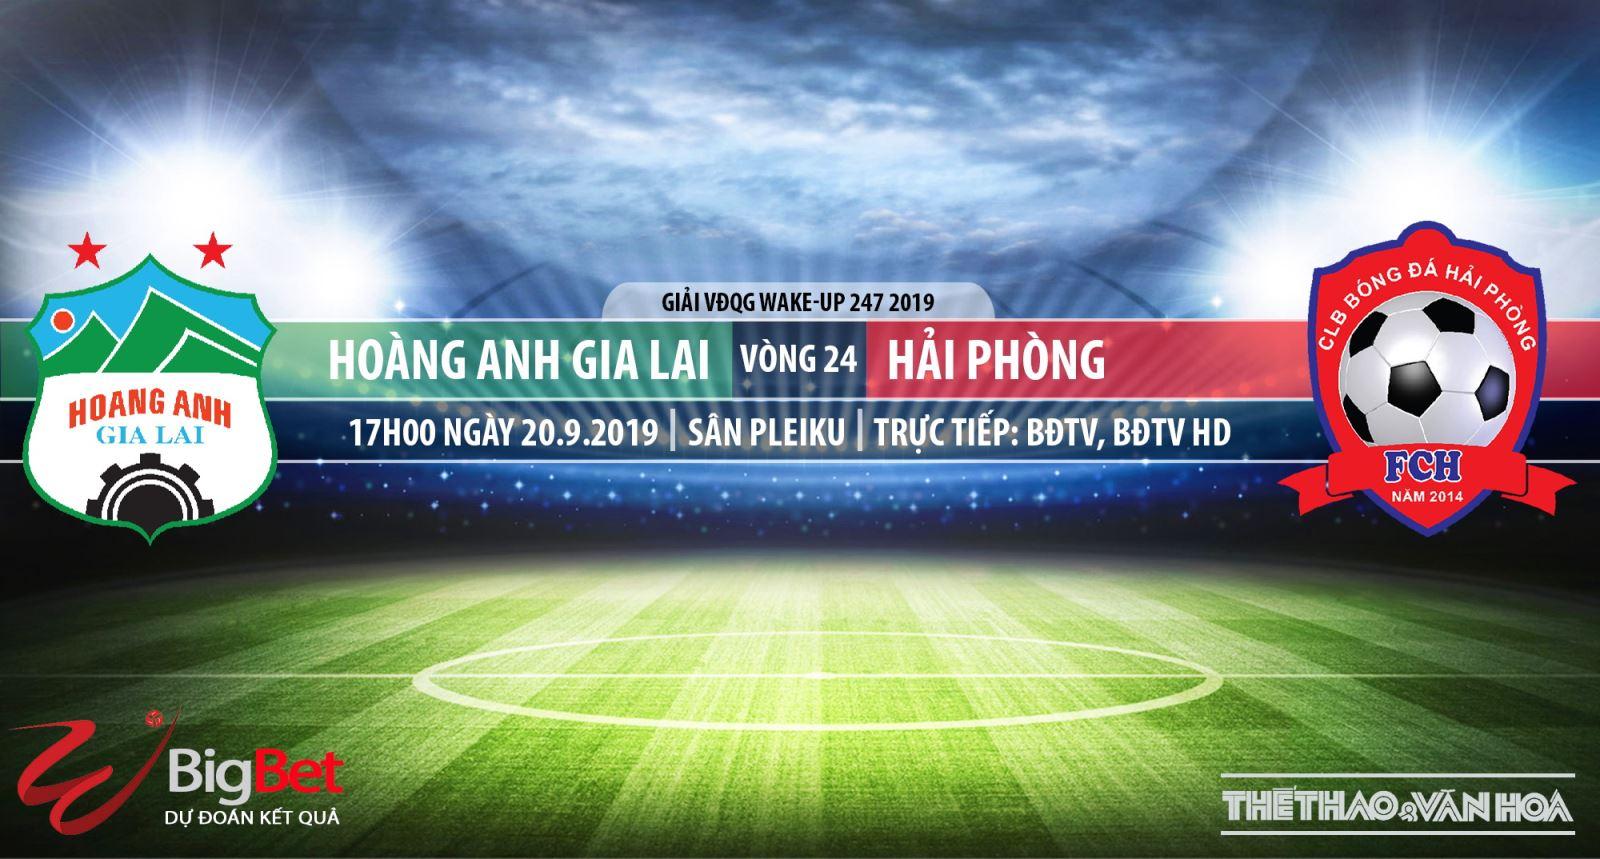 Trực tiếp bóng đá: HAGL đấu với Hải Phòng (17h00 hôm nay), V League 2019. Soi kèo bóng đá Việt Nam